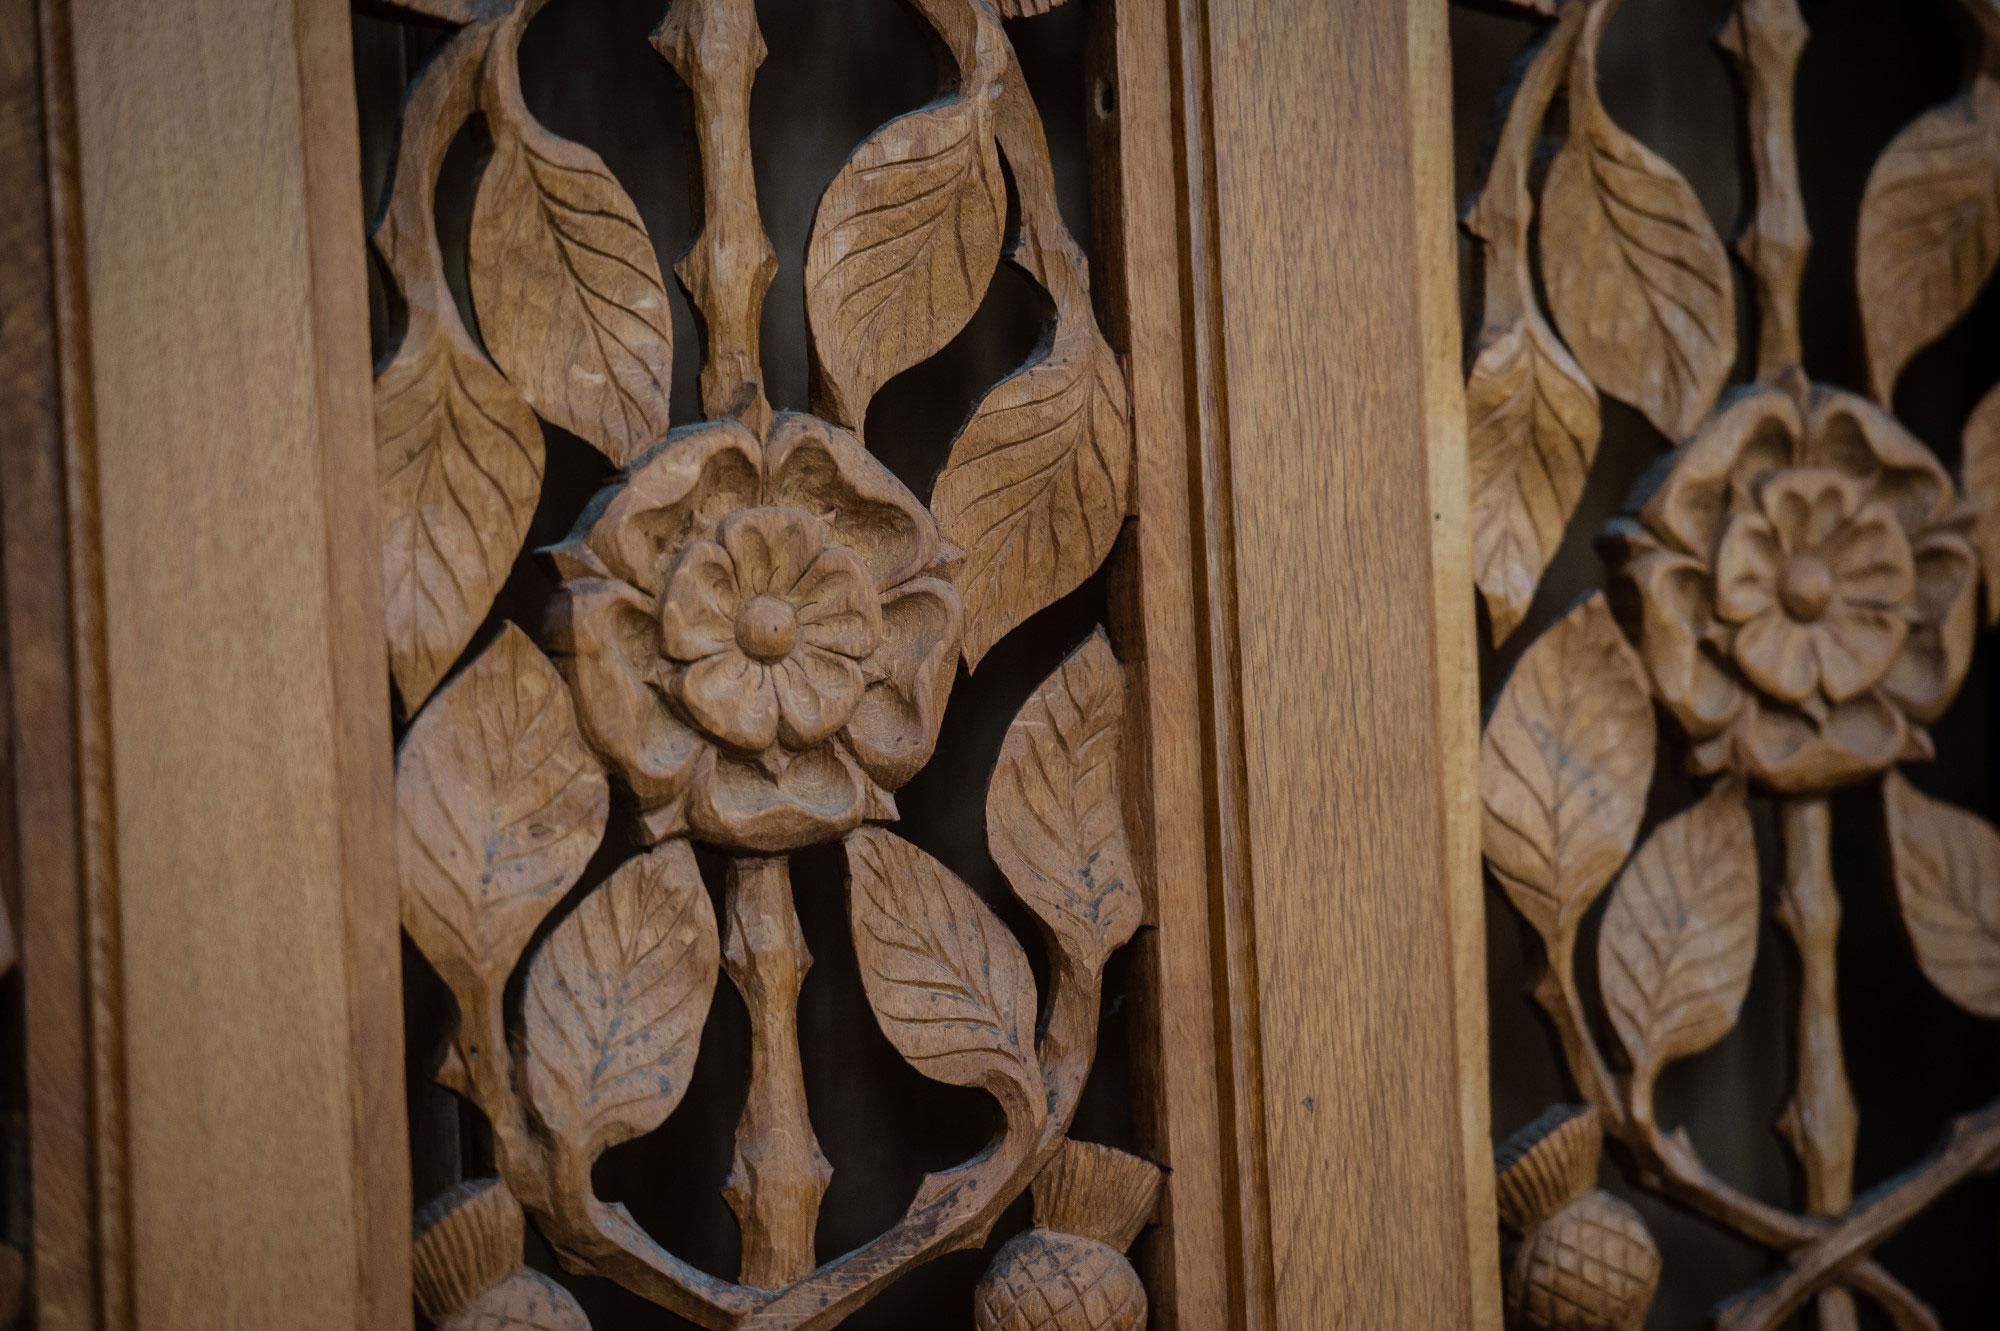 Wood carvings 2